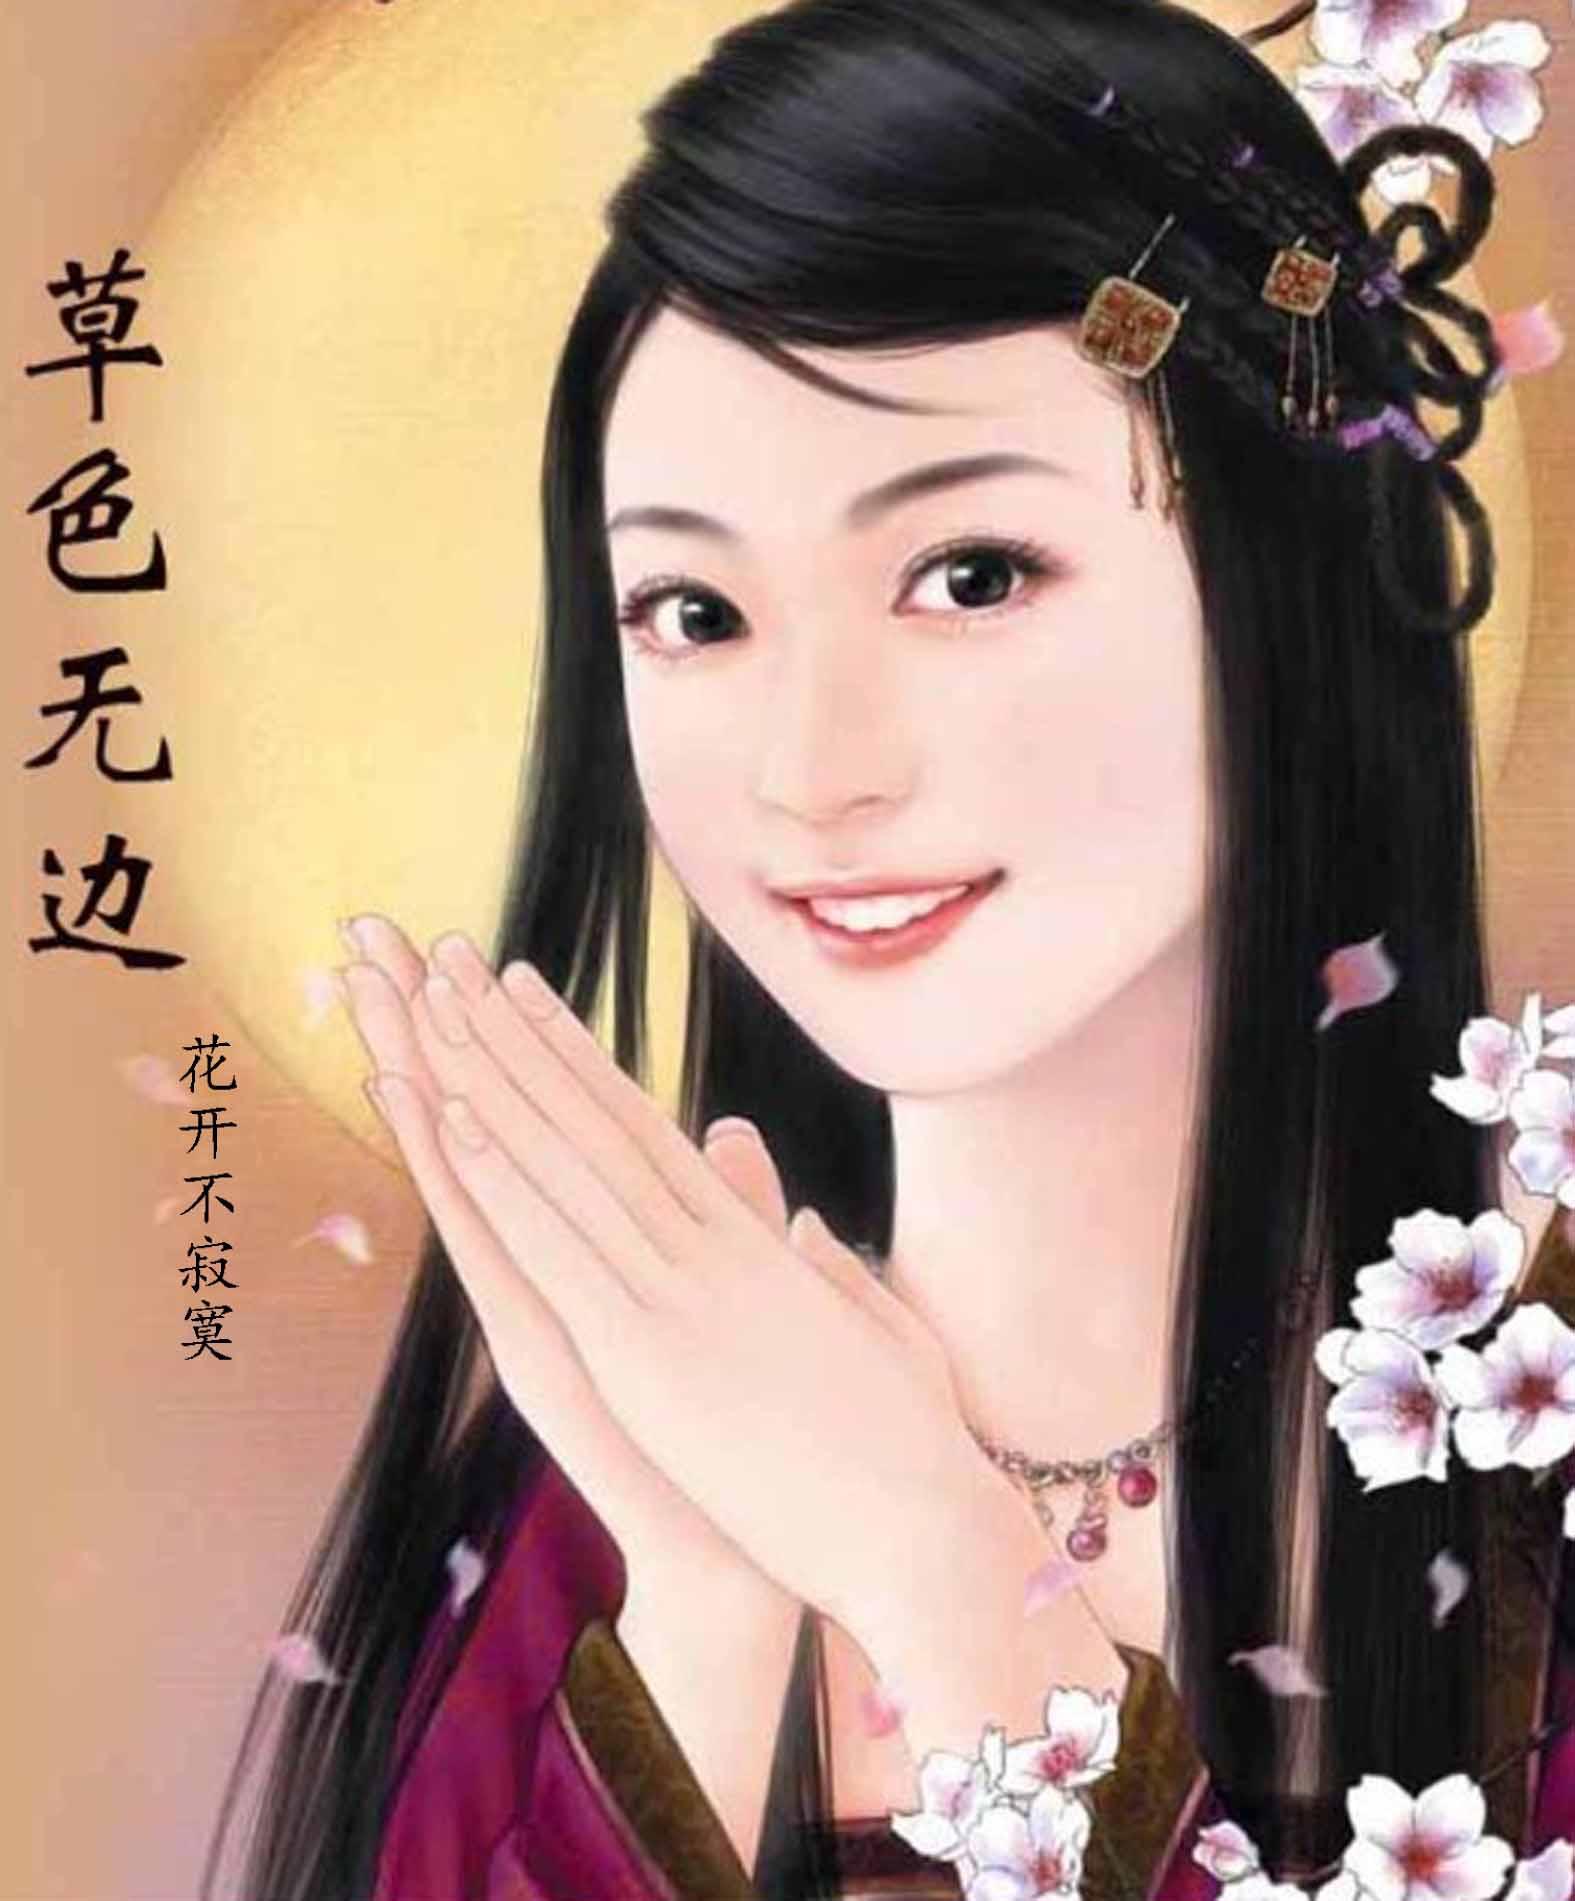 古代美女头像; 求手绘古代美女美男图;; 求手绘古装美女!